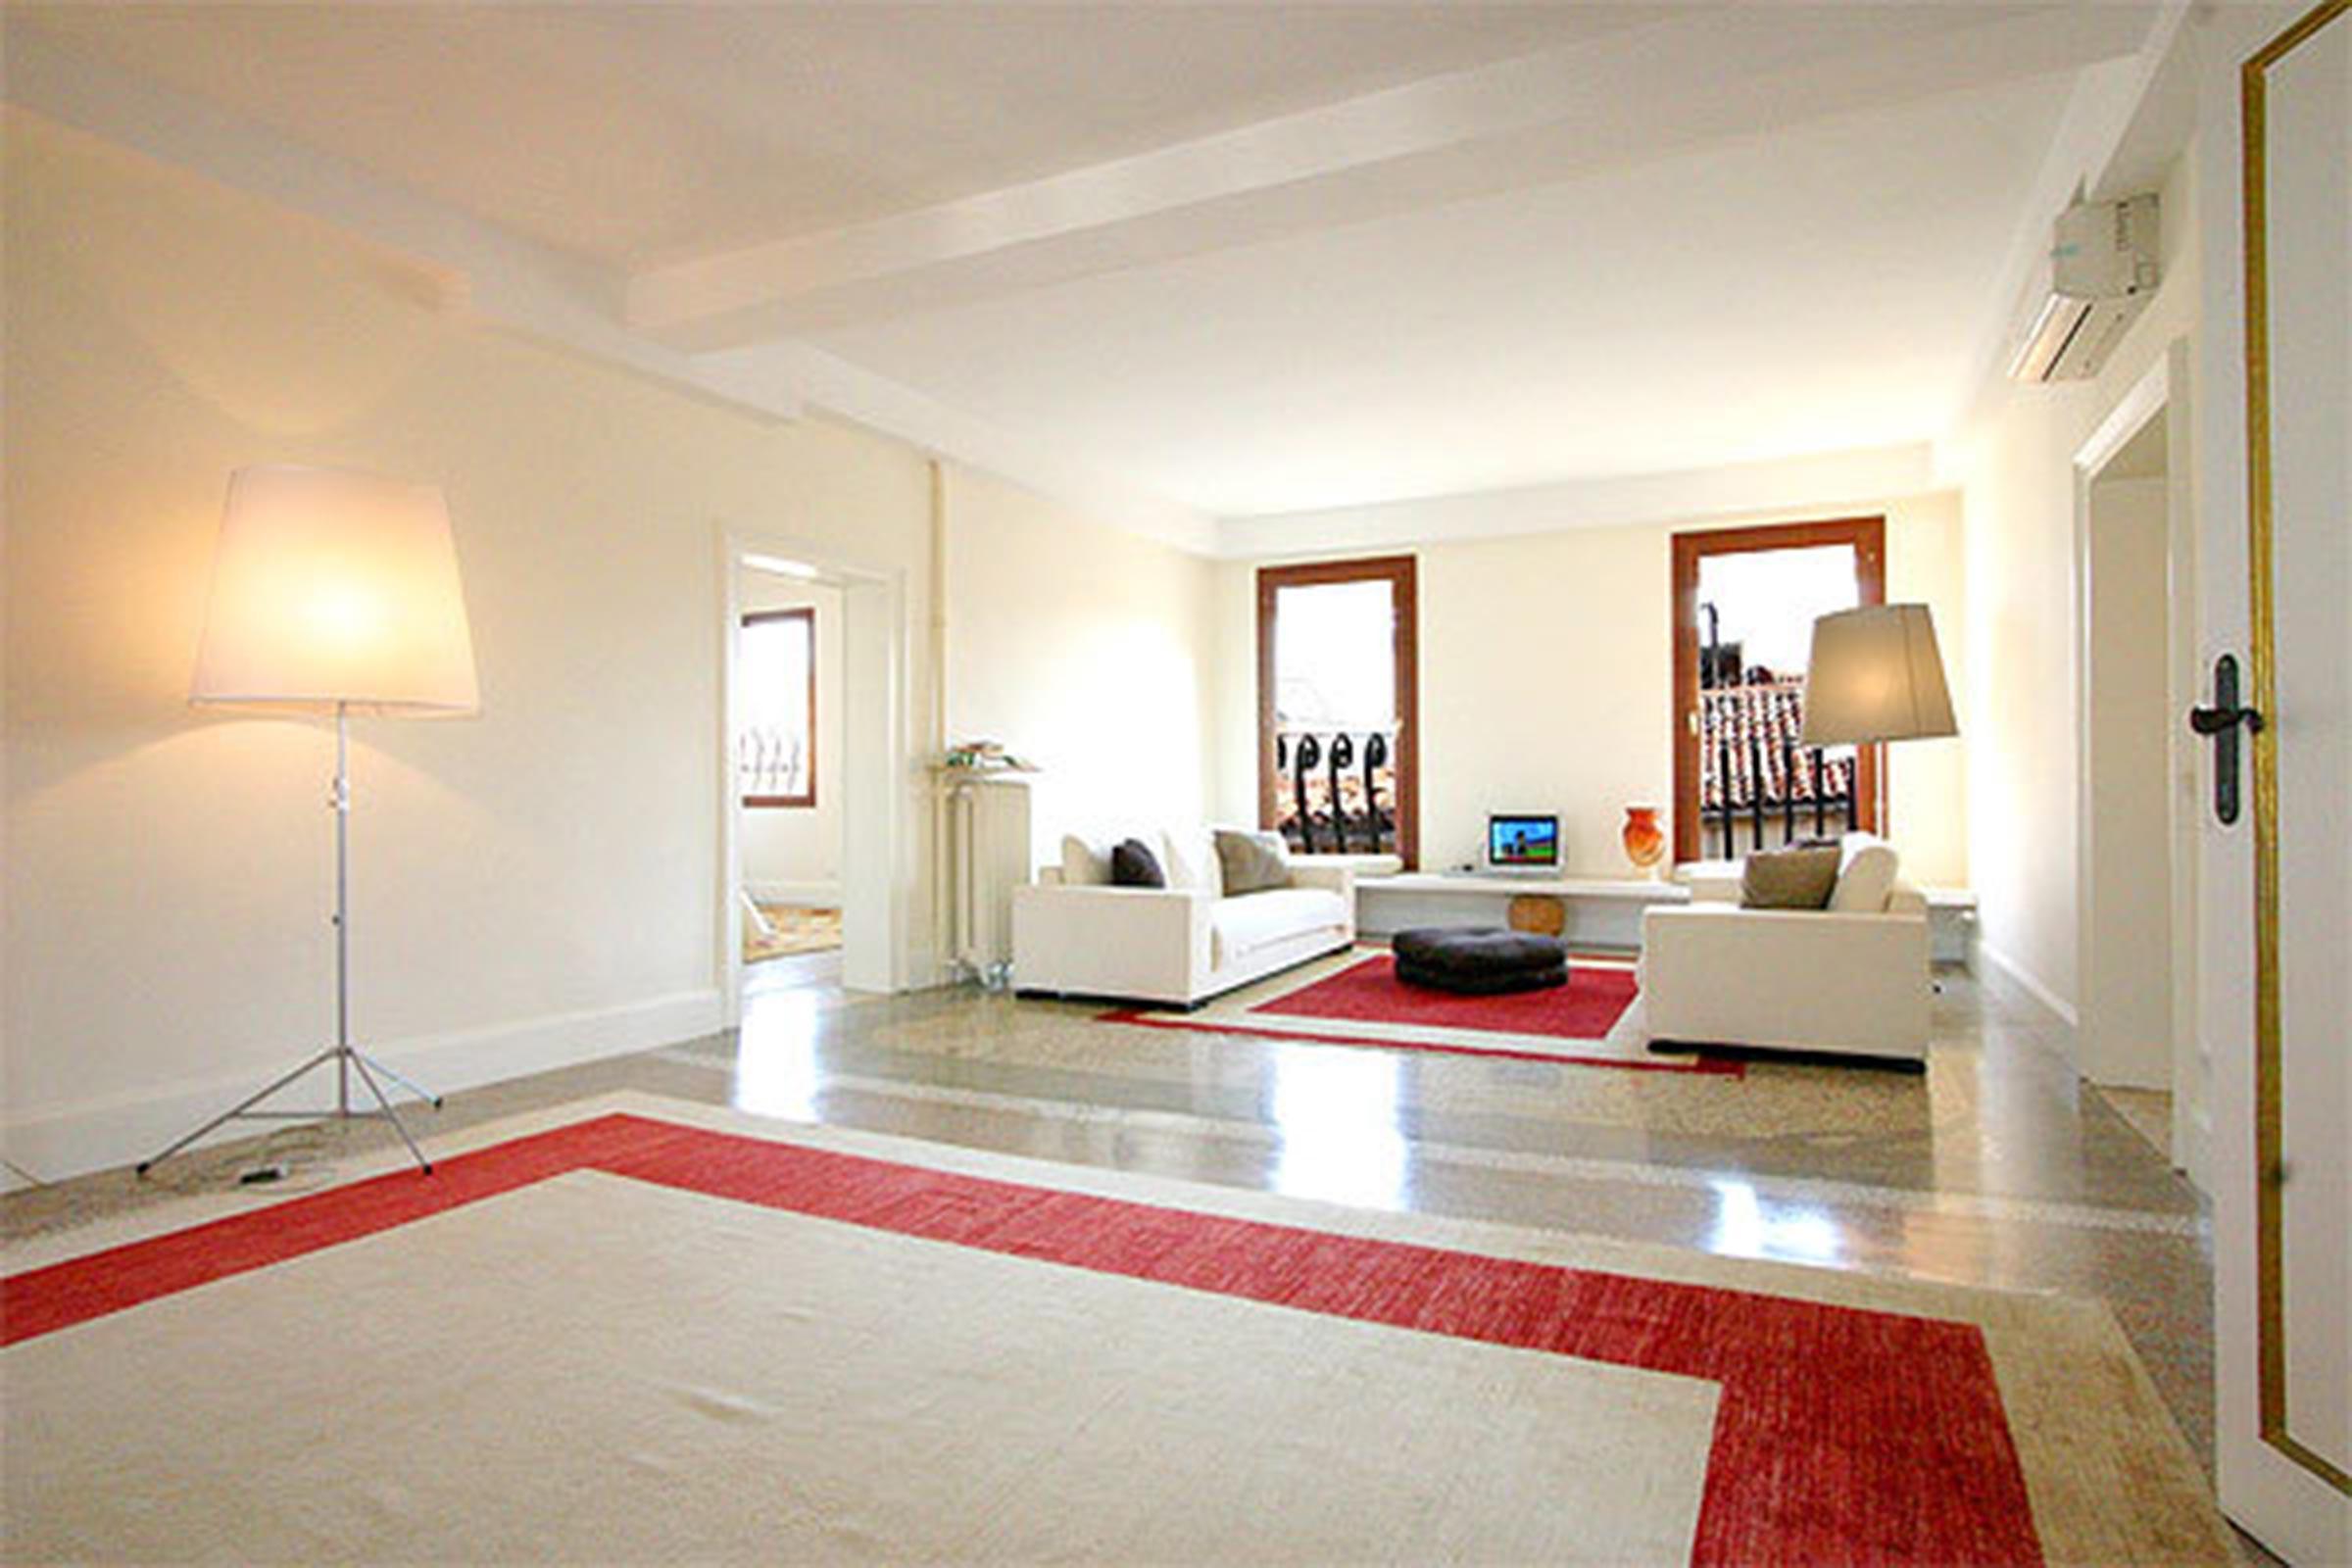 Appartement ca 39 francesca san marco venise for Appartement san marco design venise